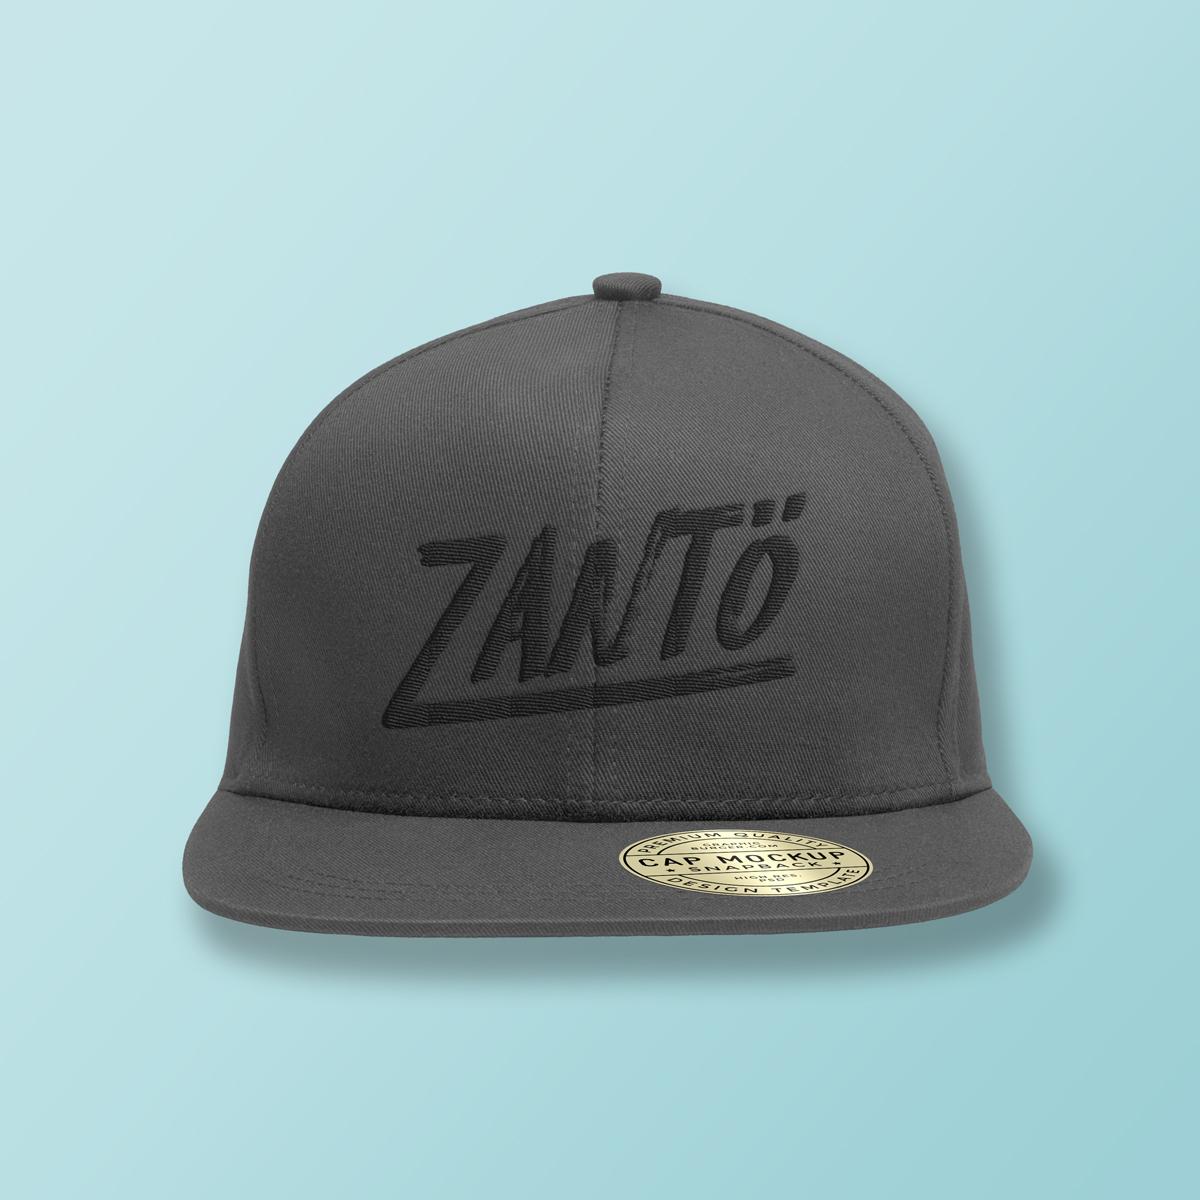 Zantö Cap / Gray ¥3,500